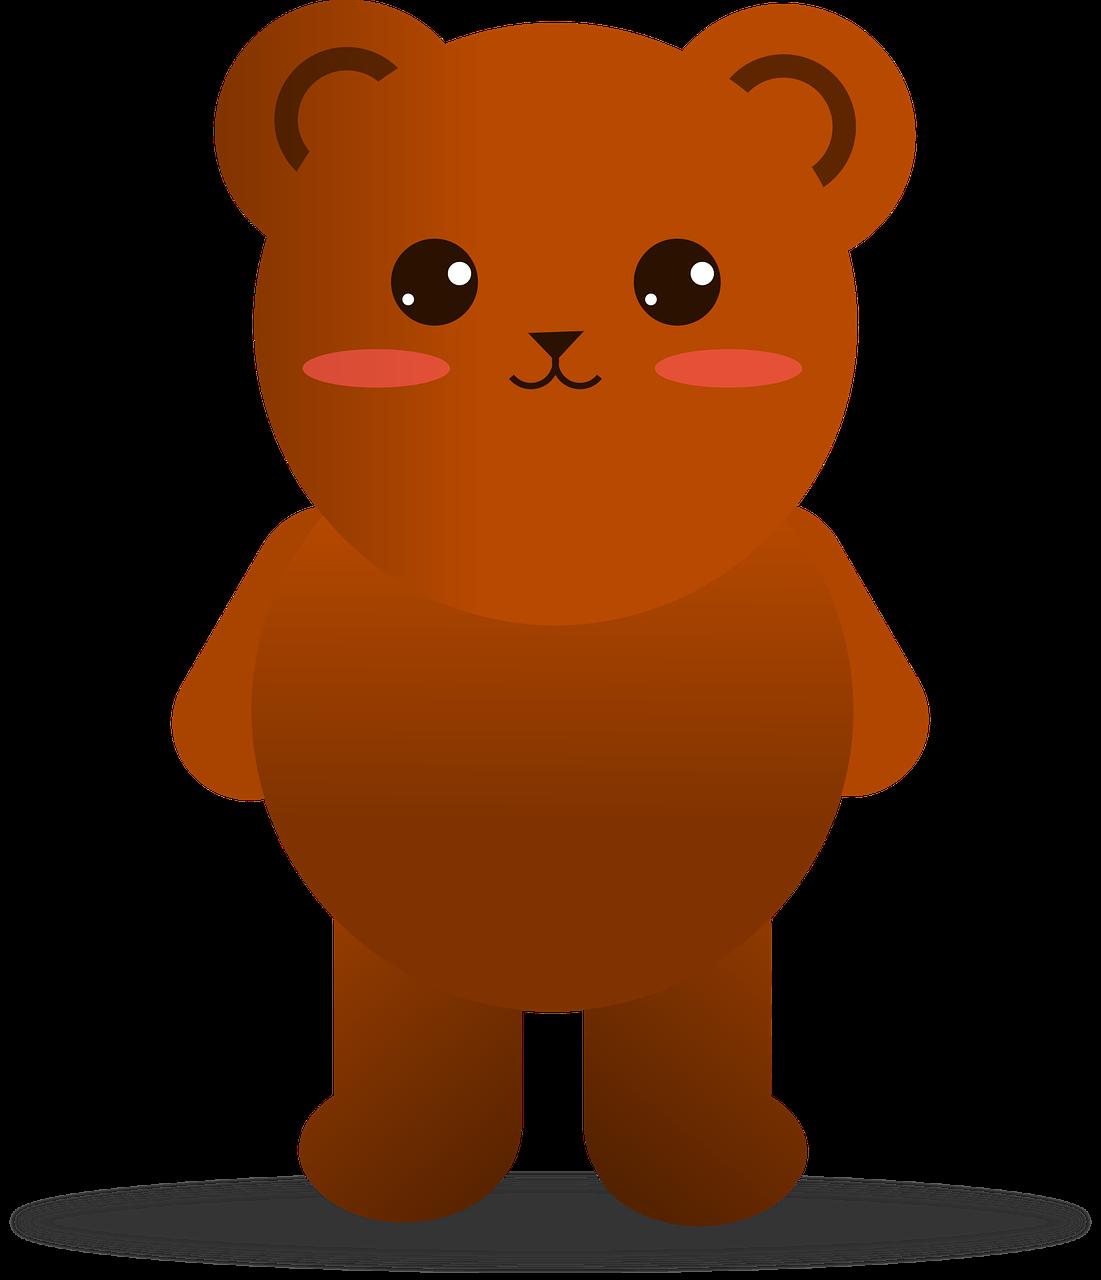 Beruang Hewan Kartun Gambar Vektor Gratis Di Pixabay